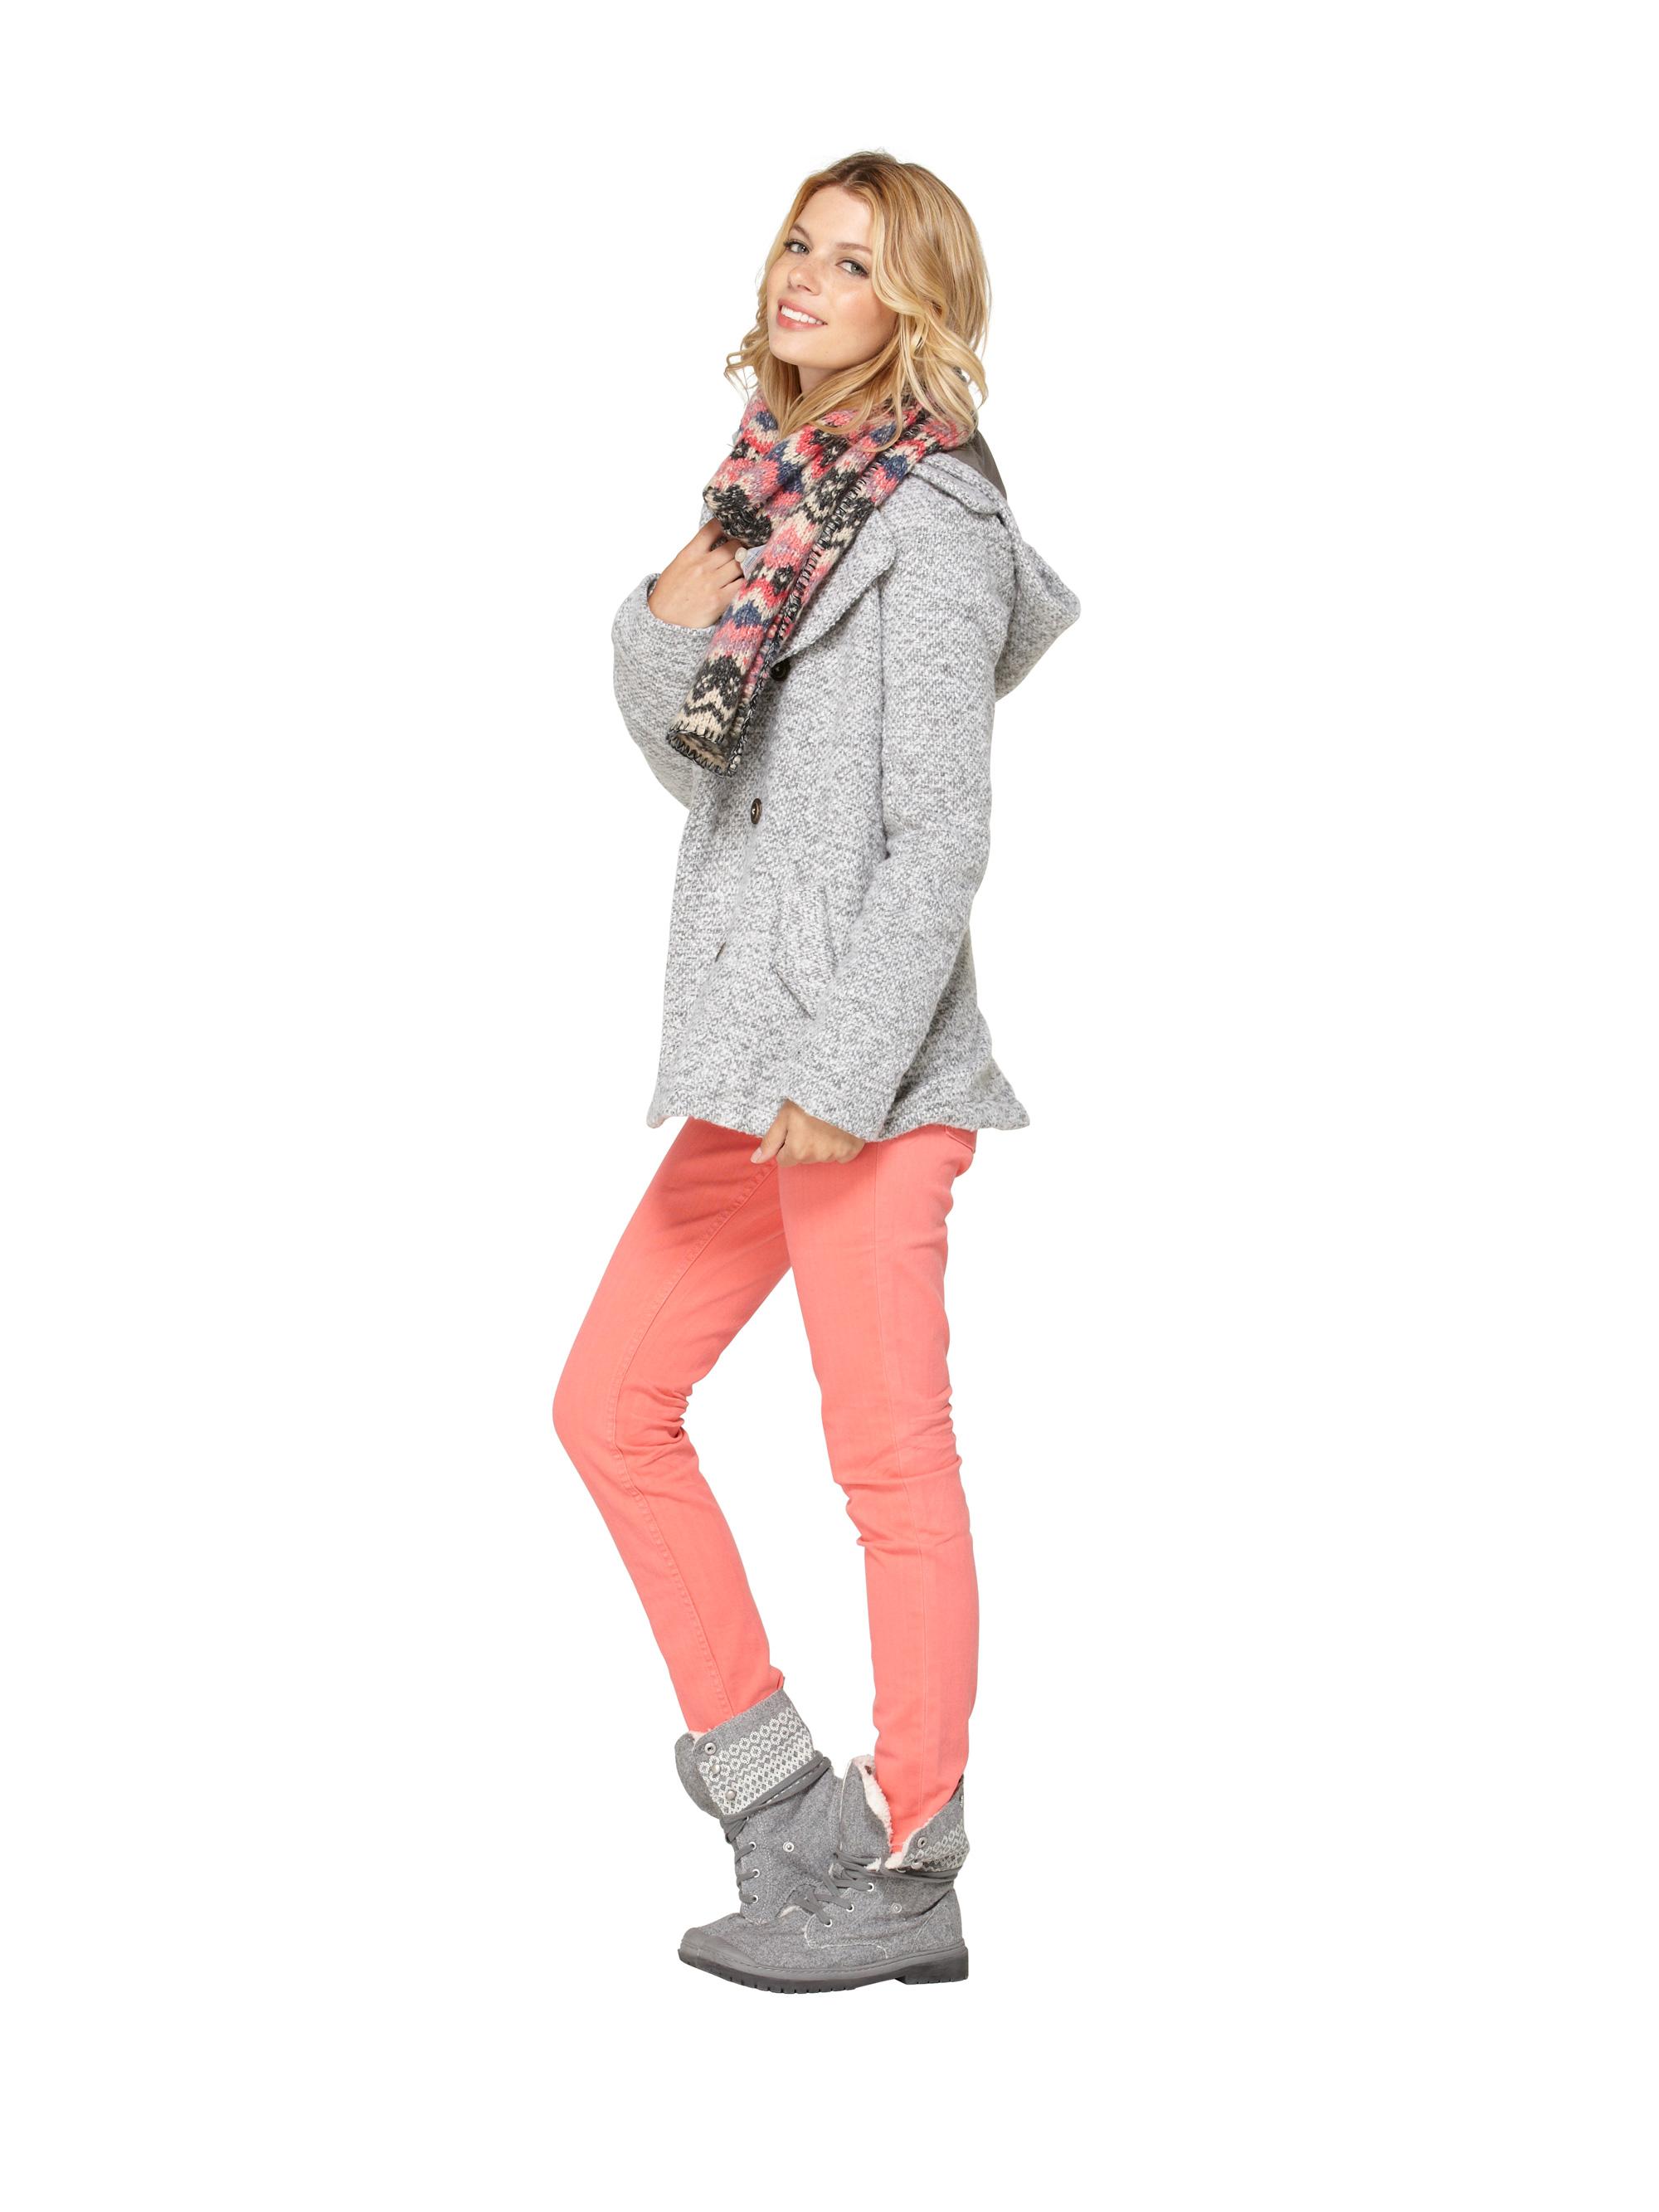 Sunburners 2 Jeans   Roxy.com